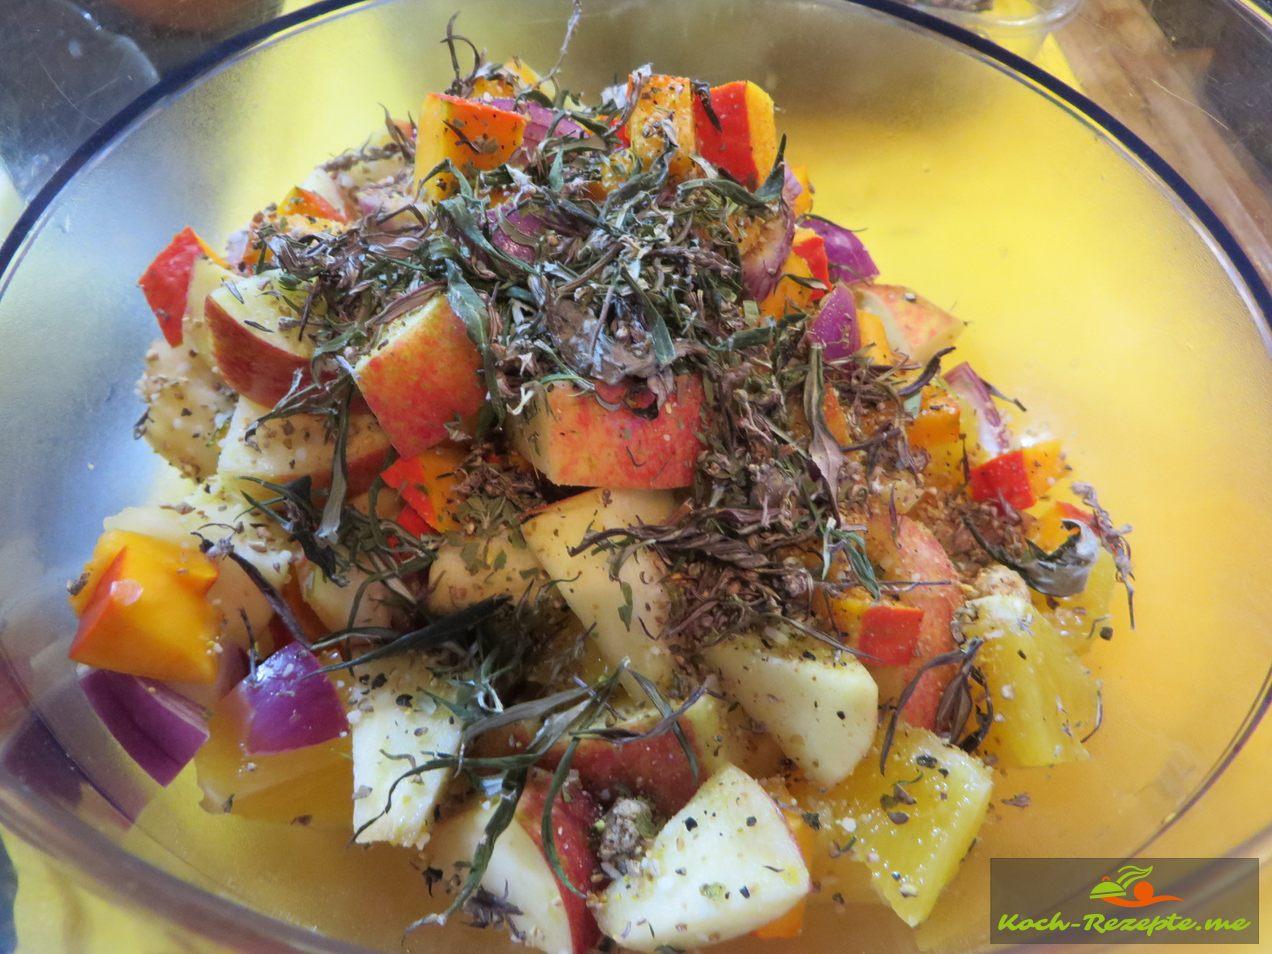 Kürbis ,Apfel, rote Zwiebel und Kürbis in Stücke schneiden und würzen